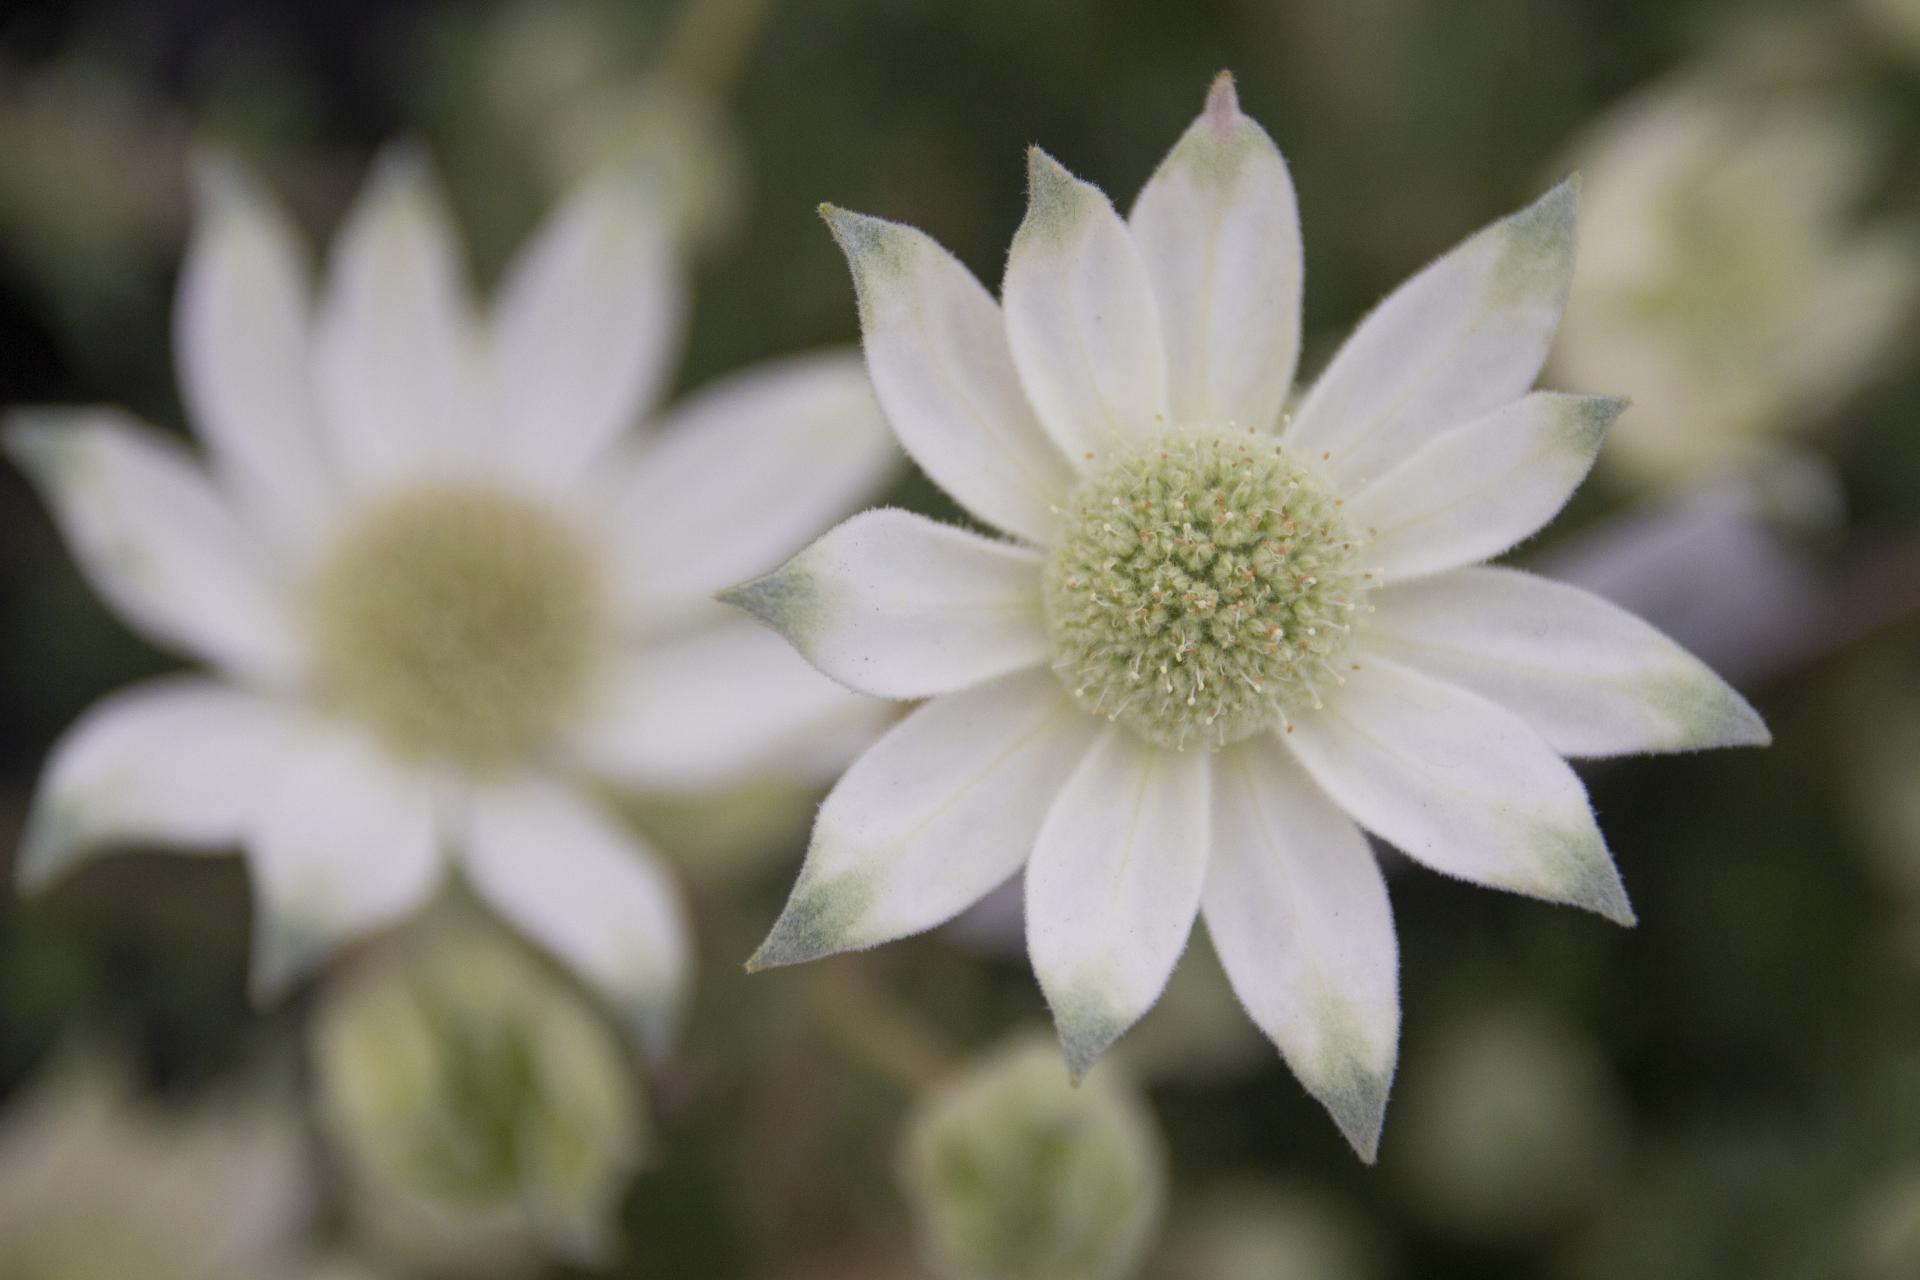 ガーデン用品屋さんの花図鑑 フランネルフラワー